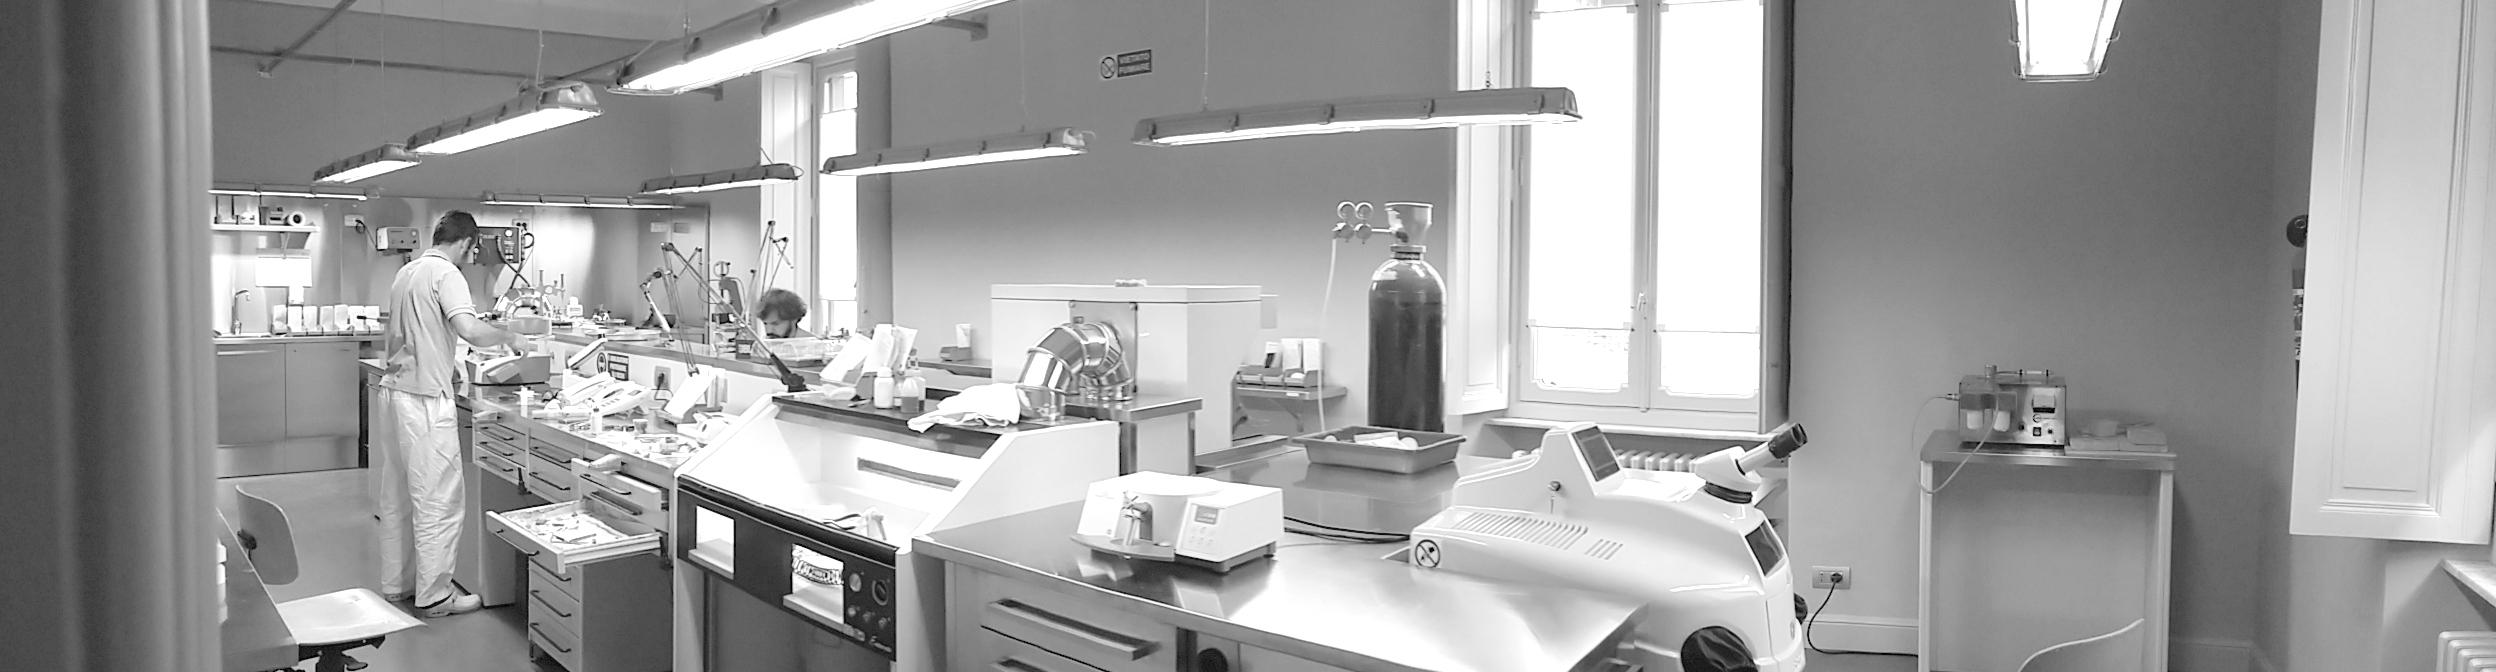 laboratorio-ii